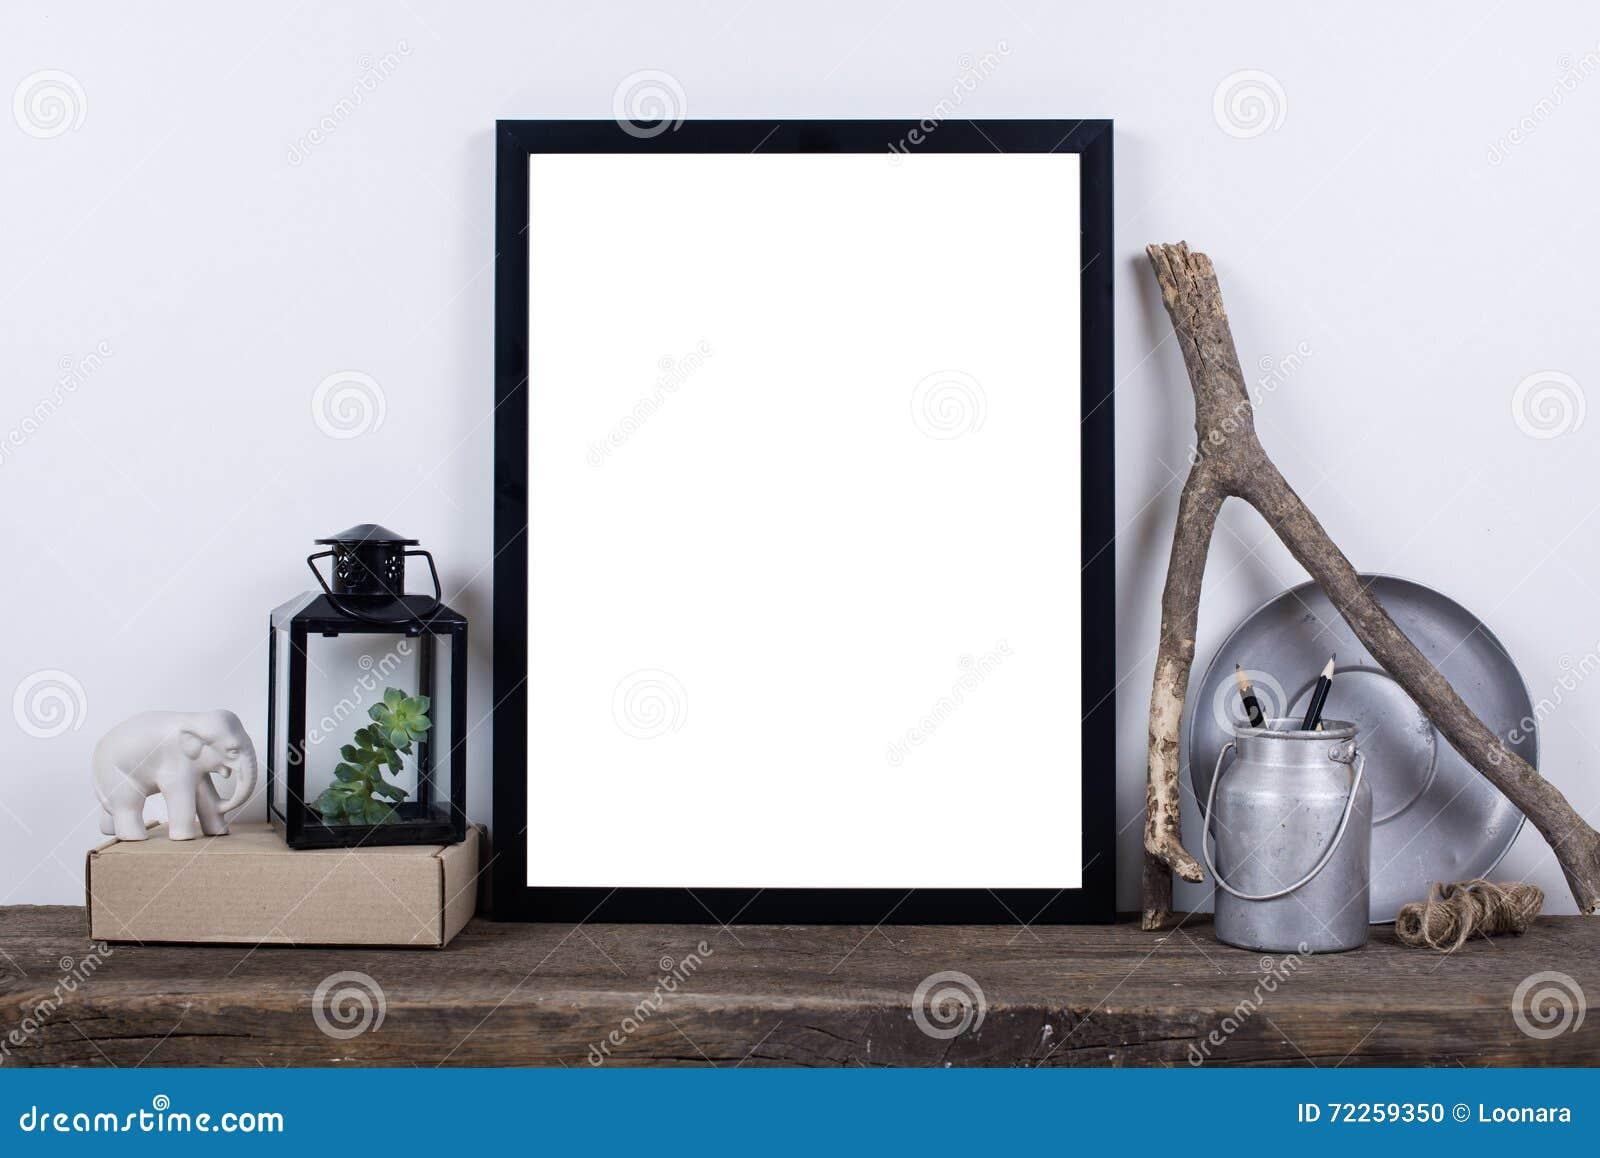 100 Home Decor Picture Frames Black Studio Home